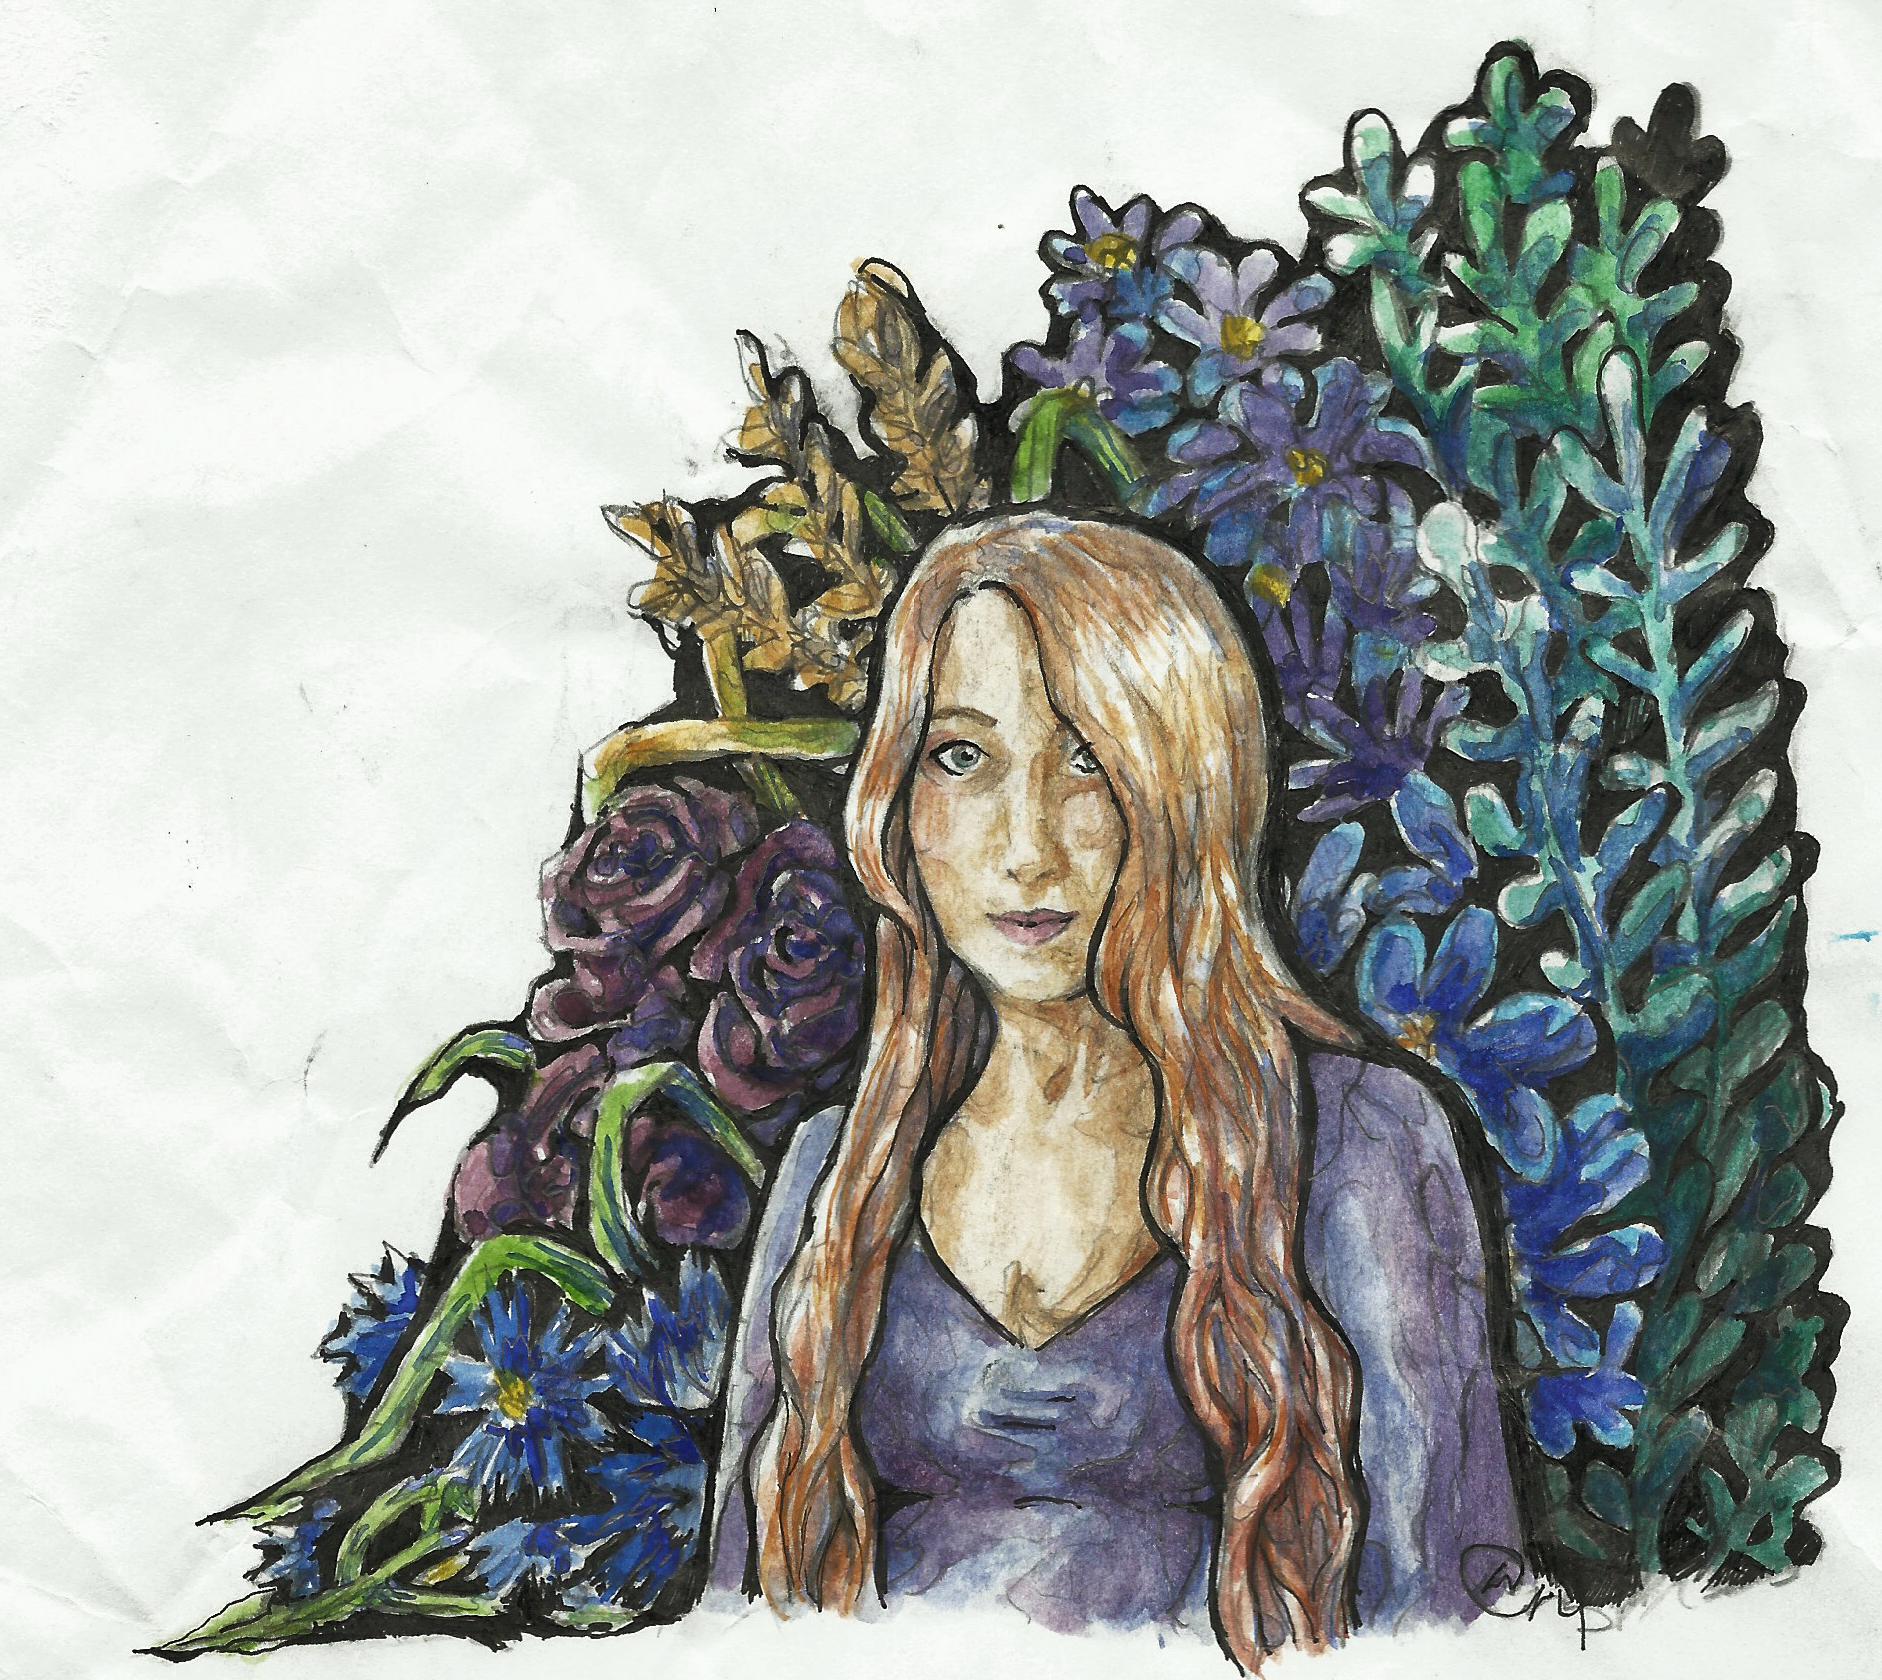 Kinkostfur's Profile Picture